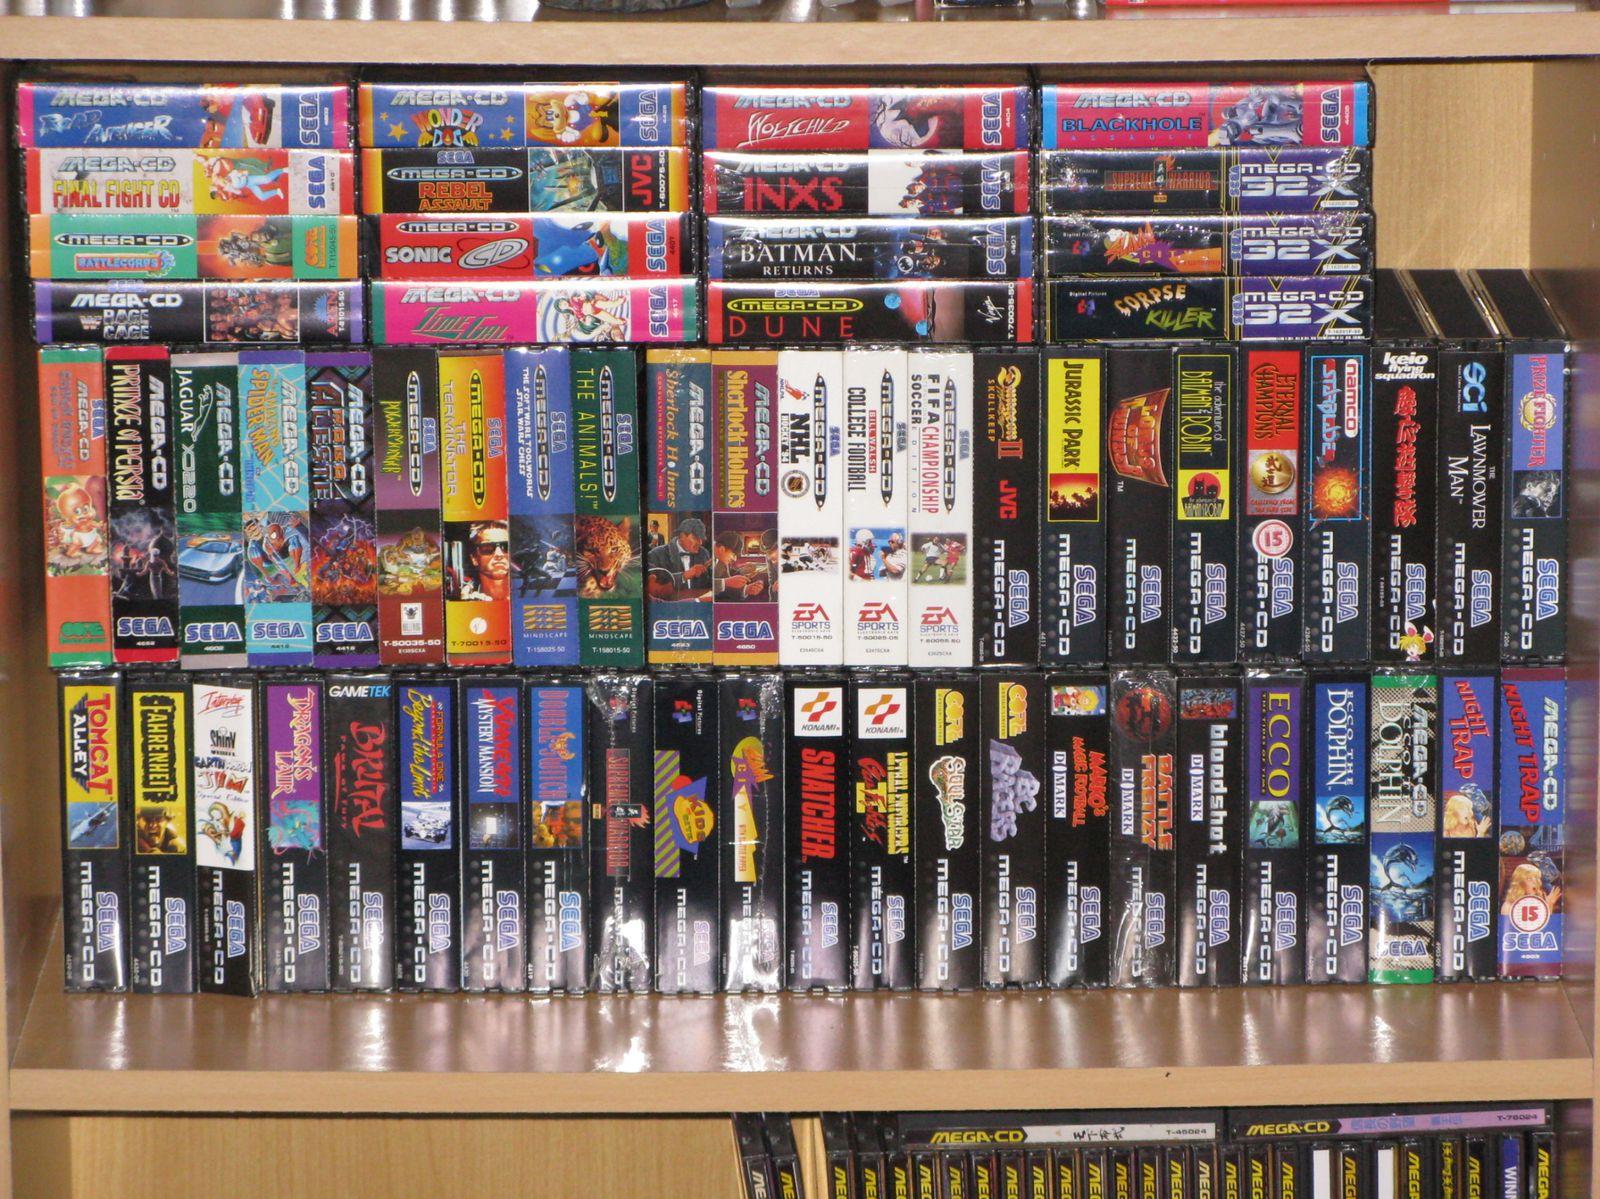 Collection 100 % Mega CD! Full set mega cd pal in!! et Mega LD! Les-spins-cards-pal-2420